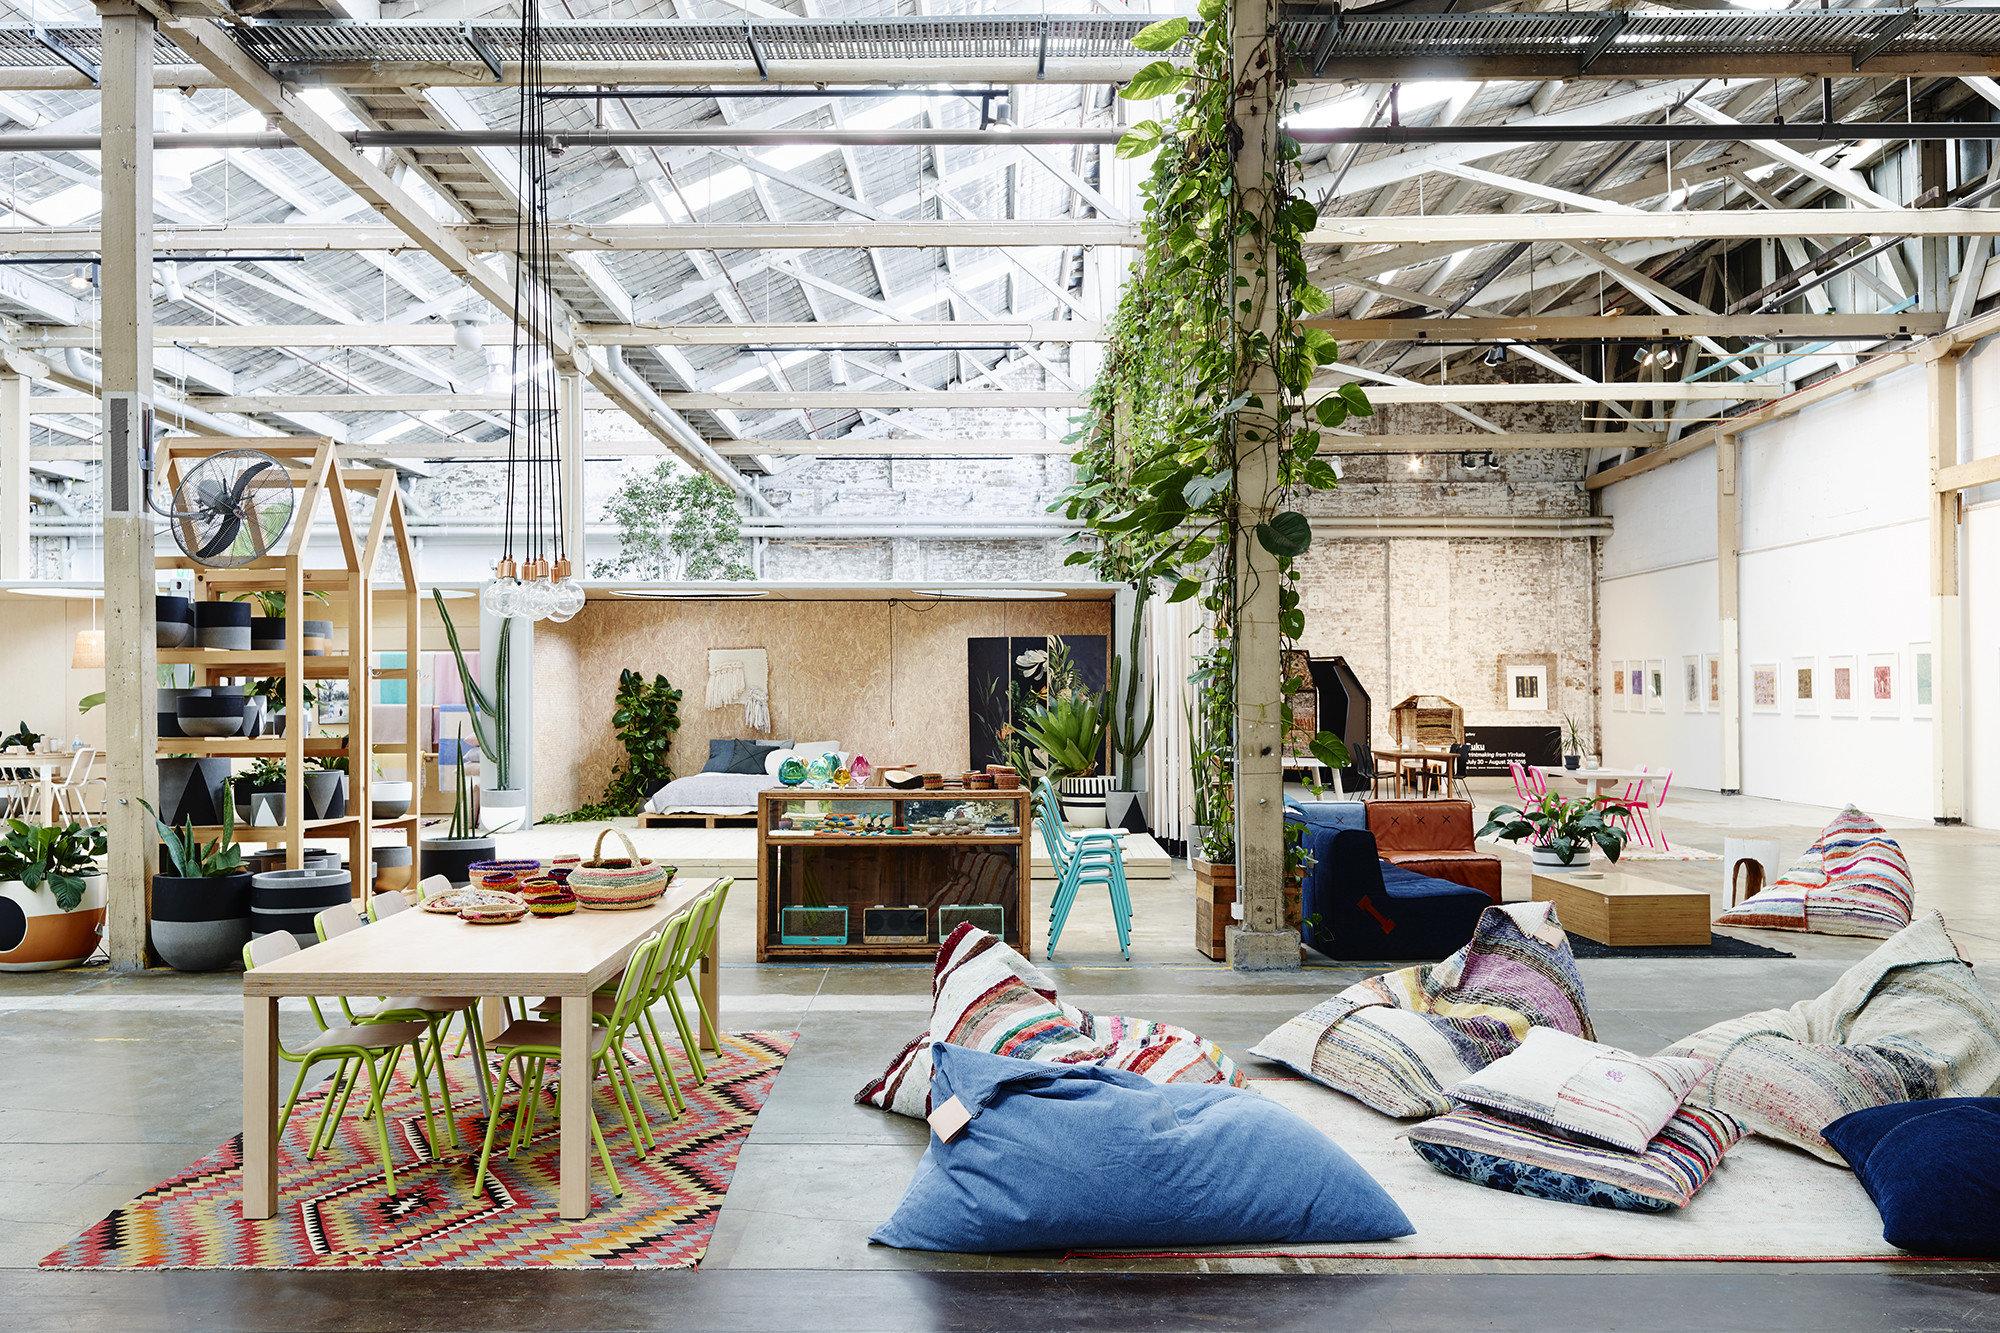 Trip Ideas building indoor room home interior design living room Design furniture area